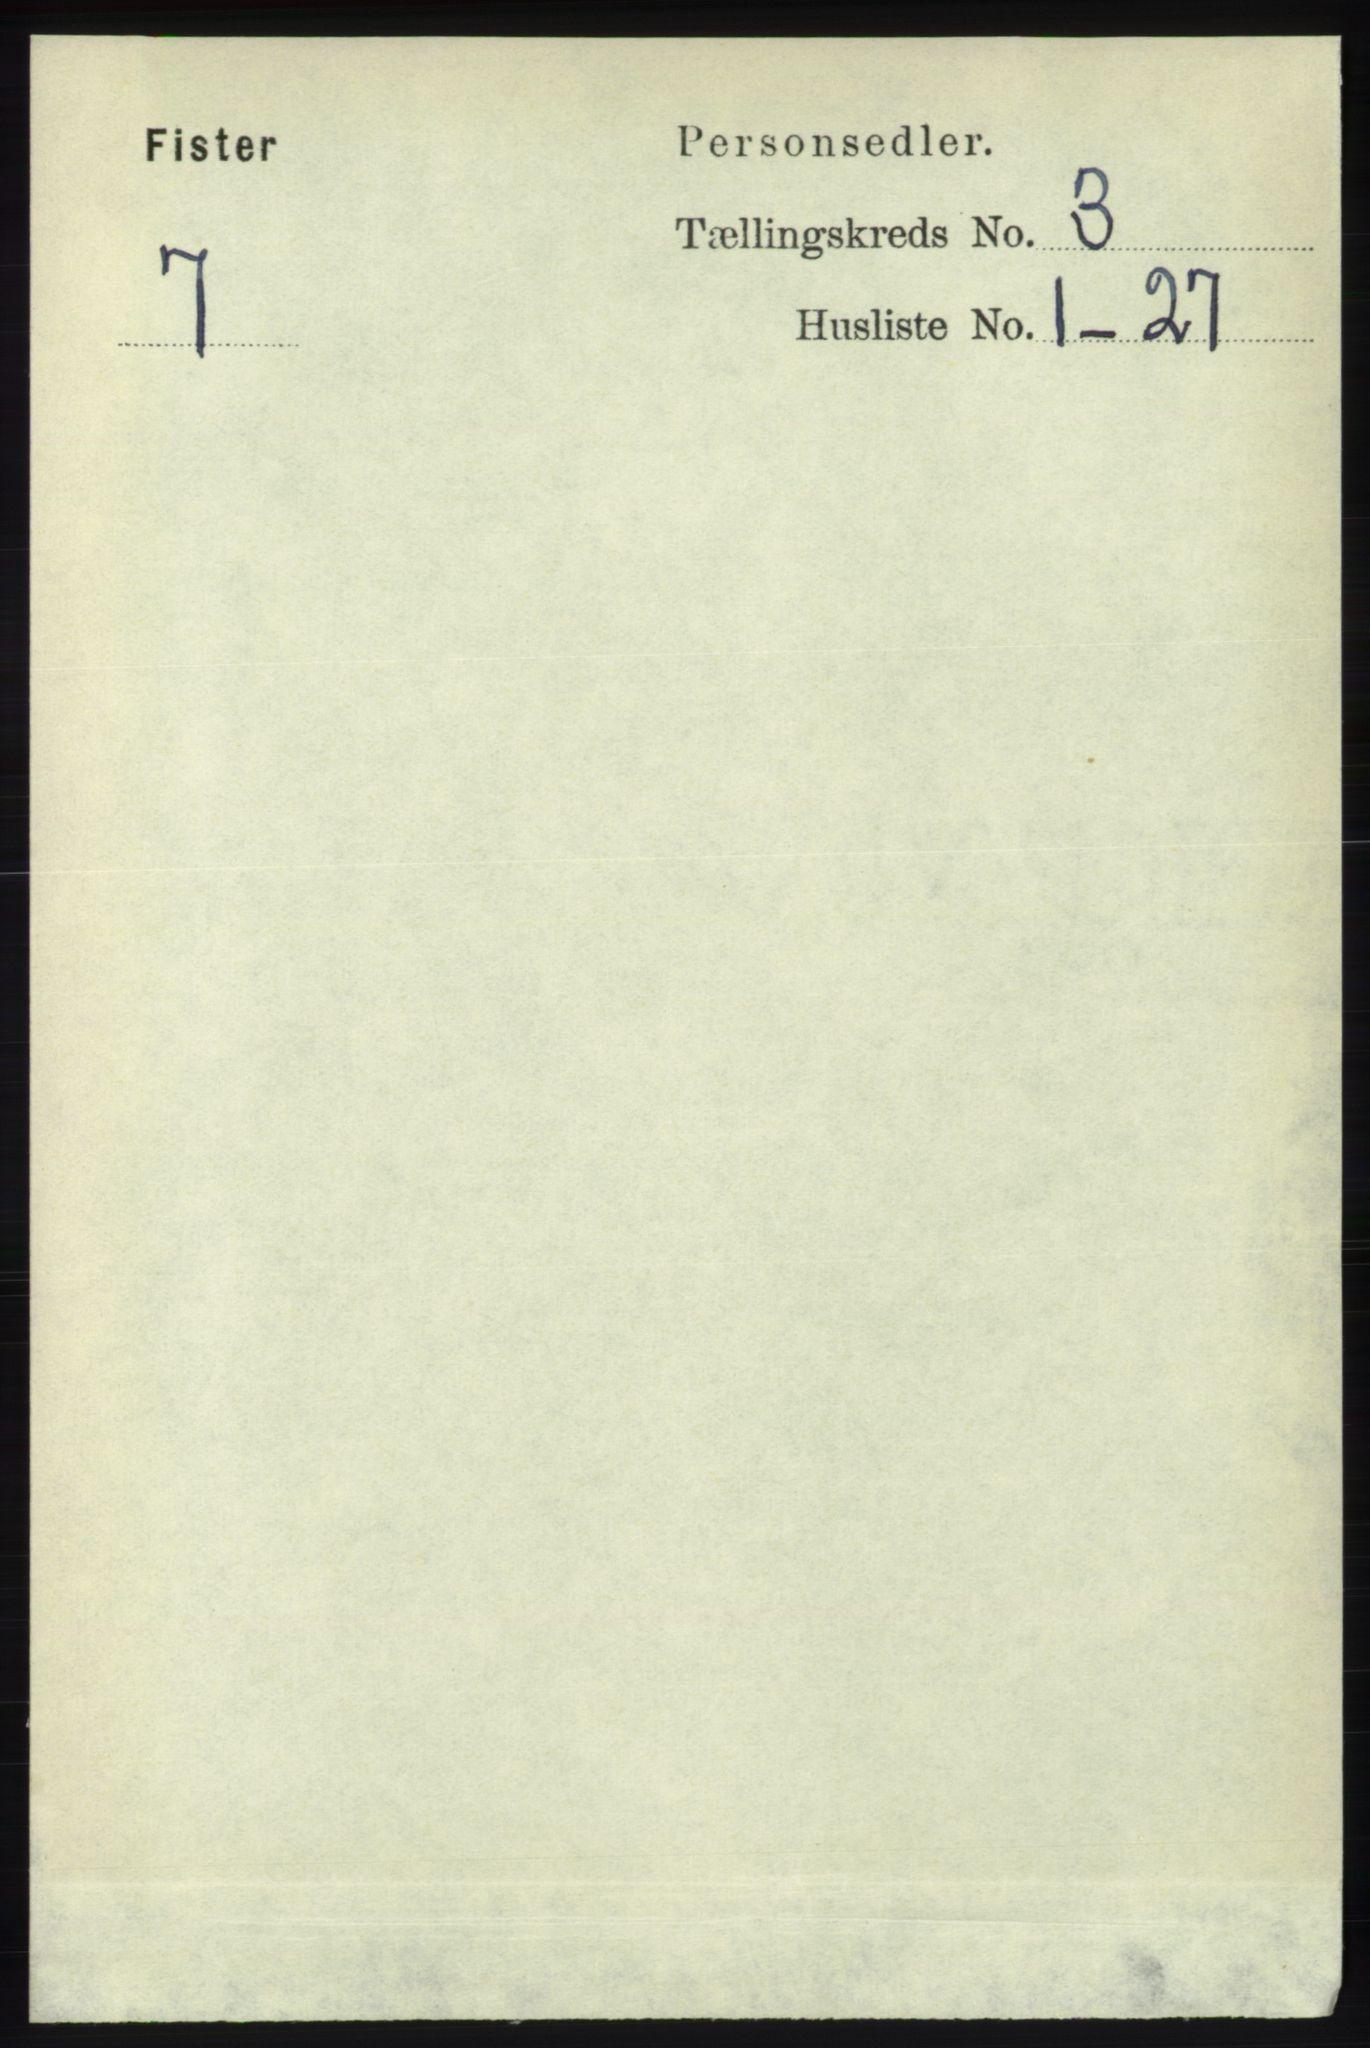 RA, Folketelling 1891 for 1132 Fister herred, 1891, s. 522